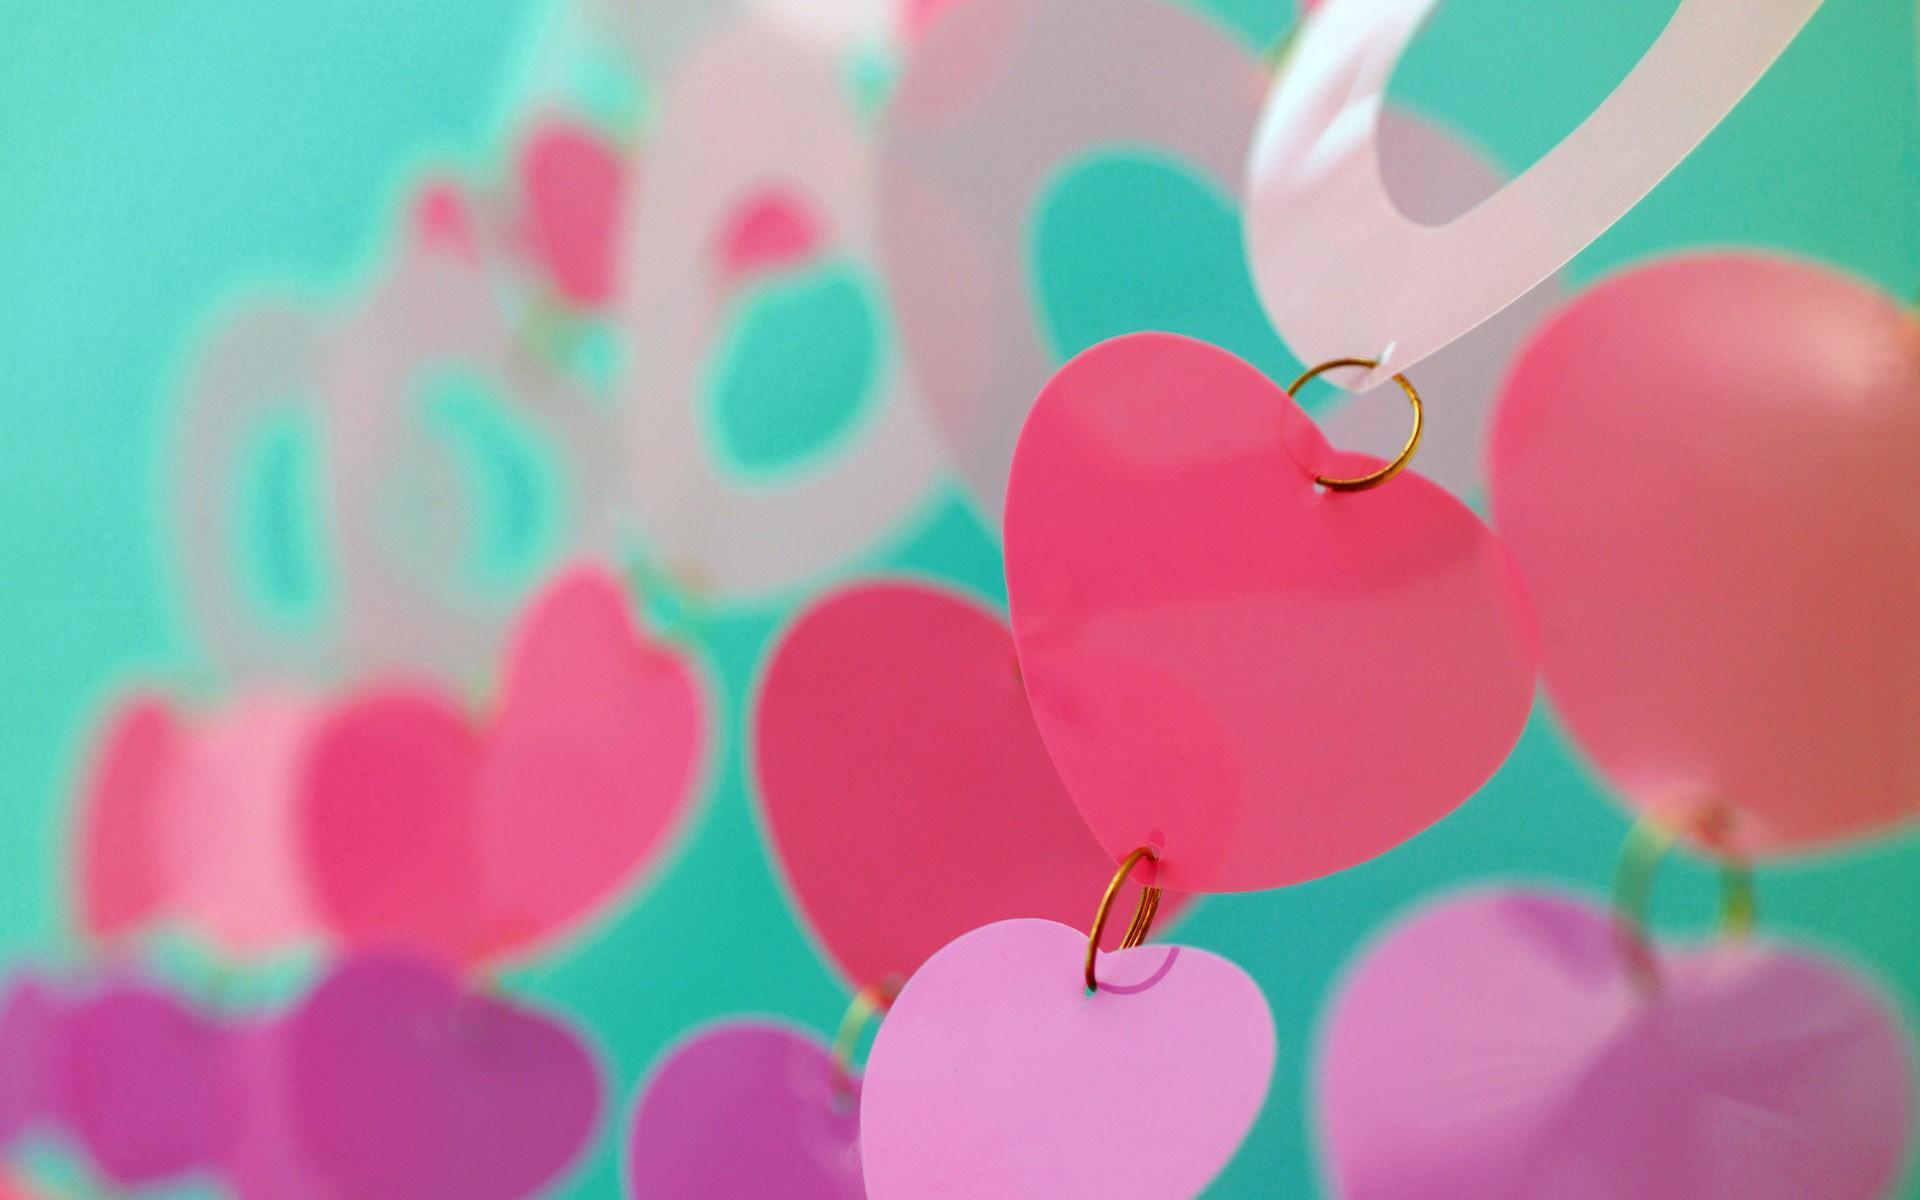 Cute Love Wallpaper 3217 Wallpaper WallpapersTubecom 1920x1200